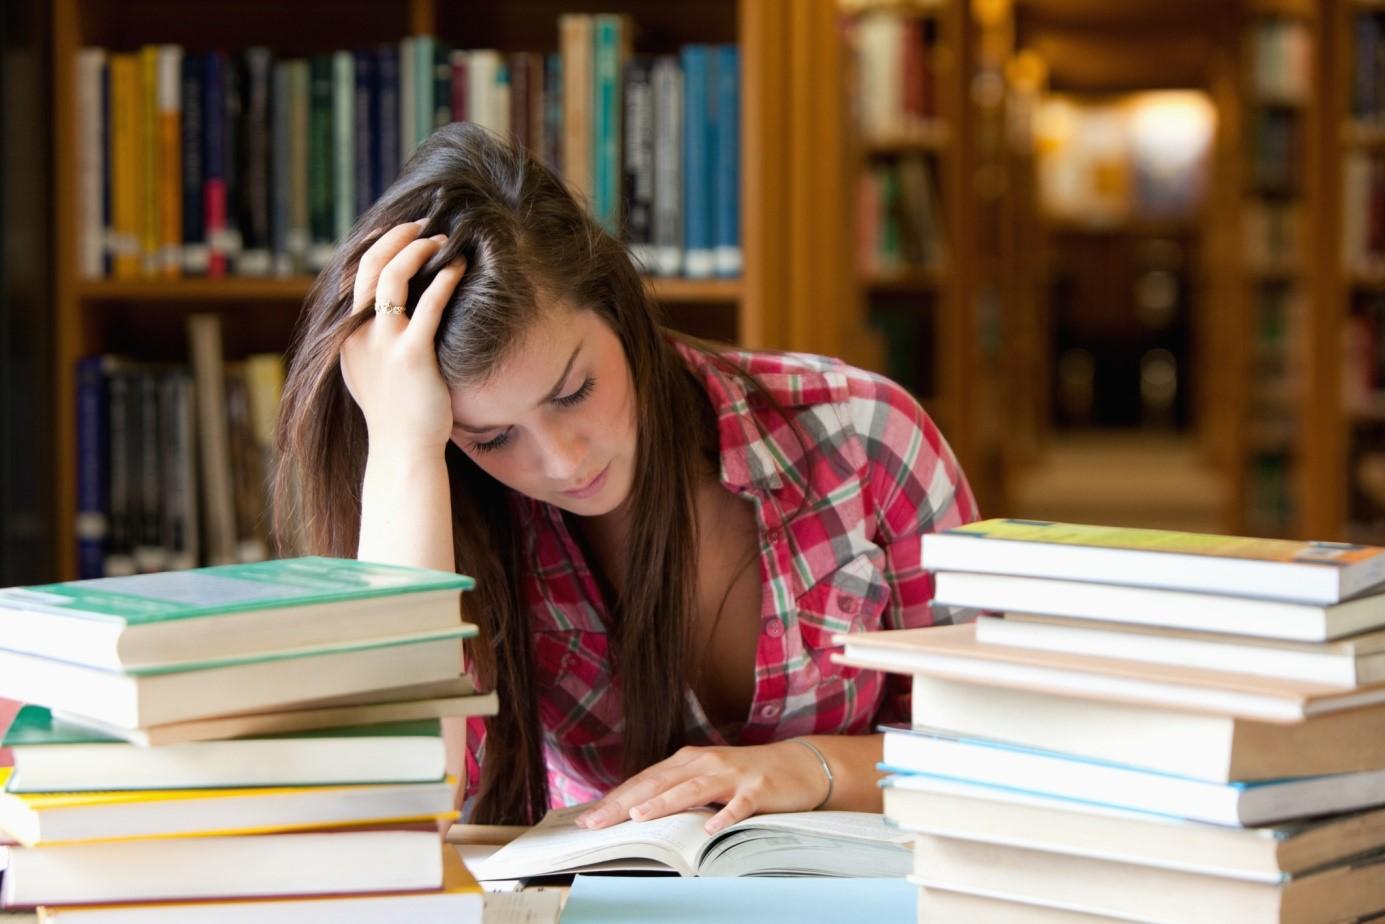 Студентка за учебниками